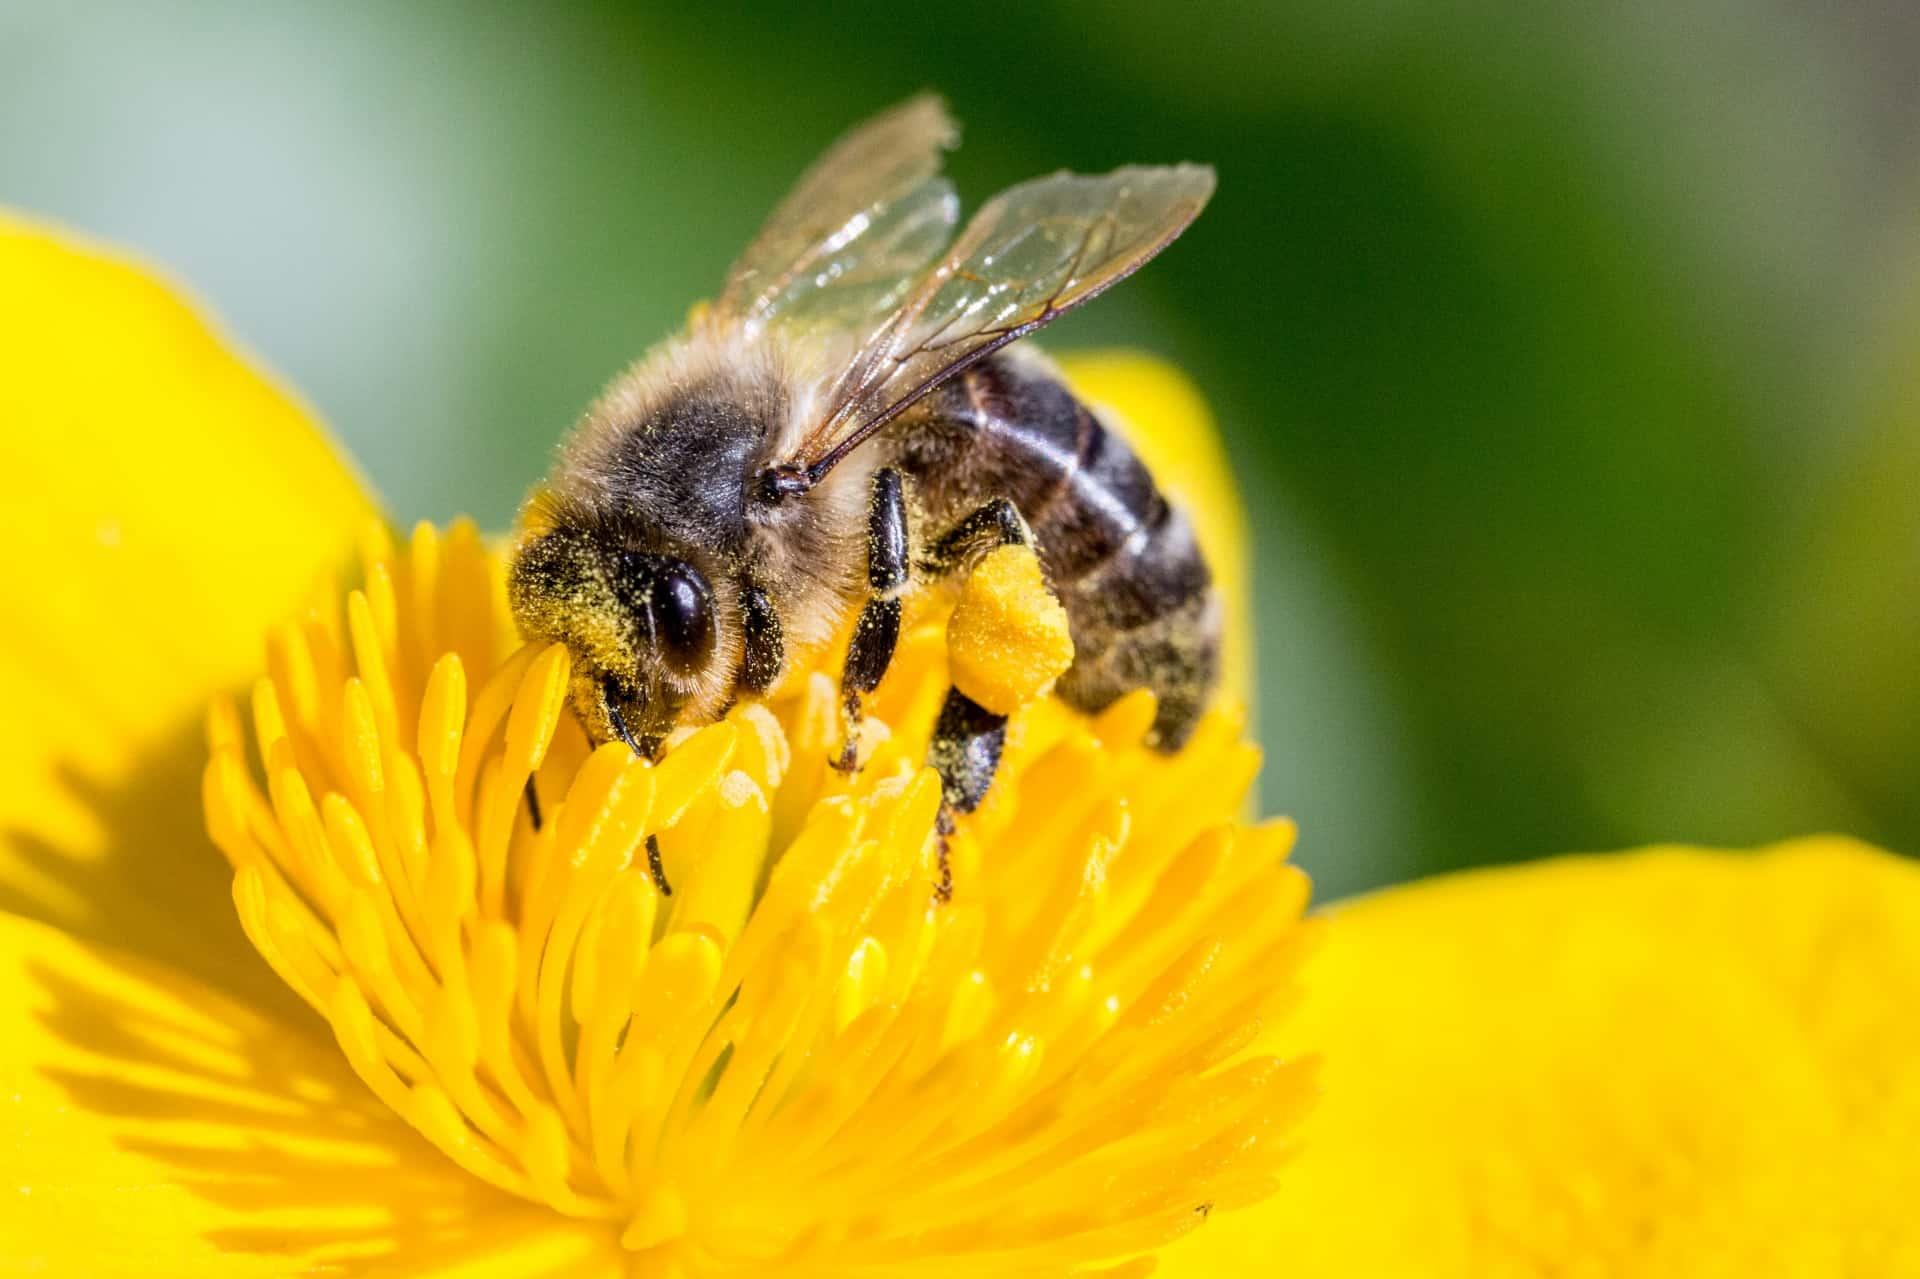 Пчёлы помогают опылять три четверти всех жизненно важных сельскохозяйственных культур вмире.